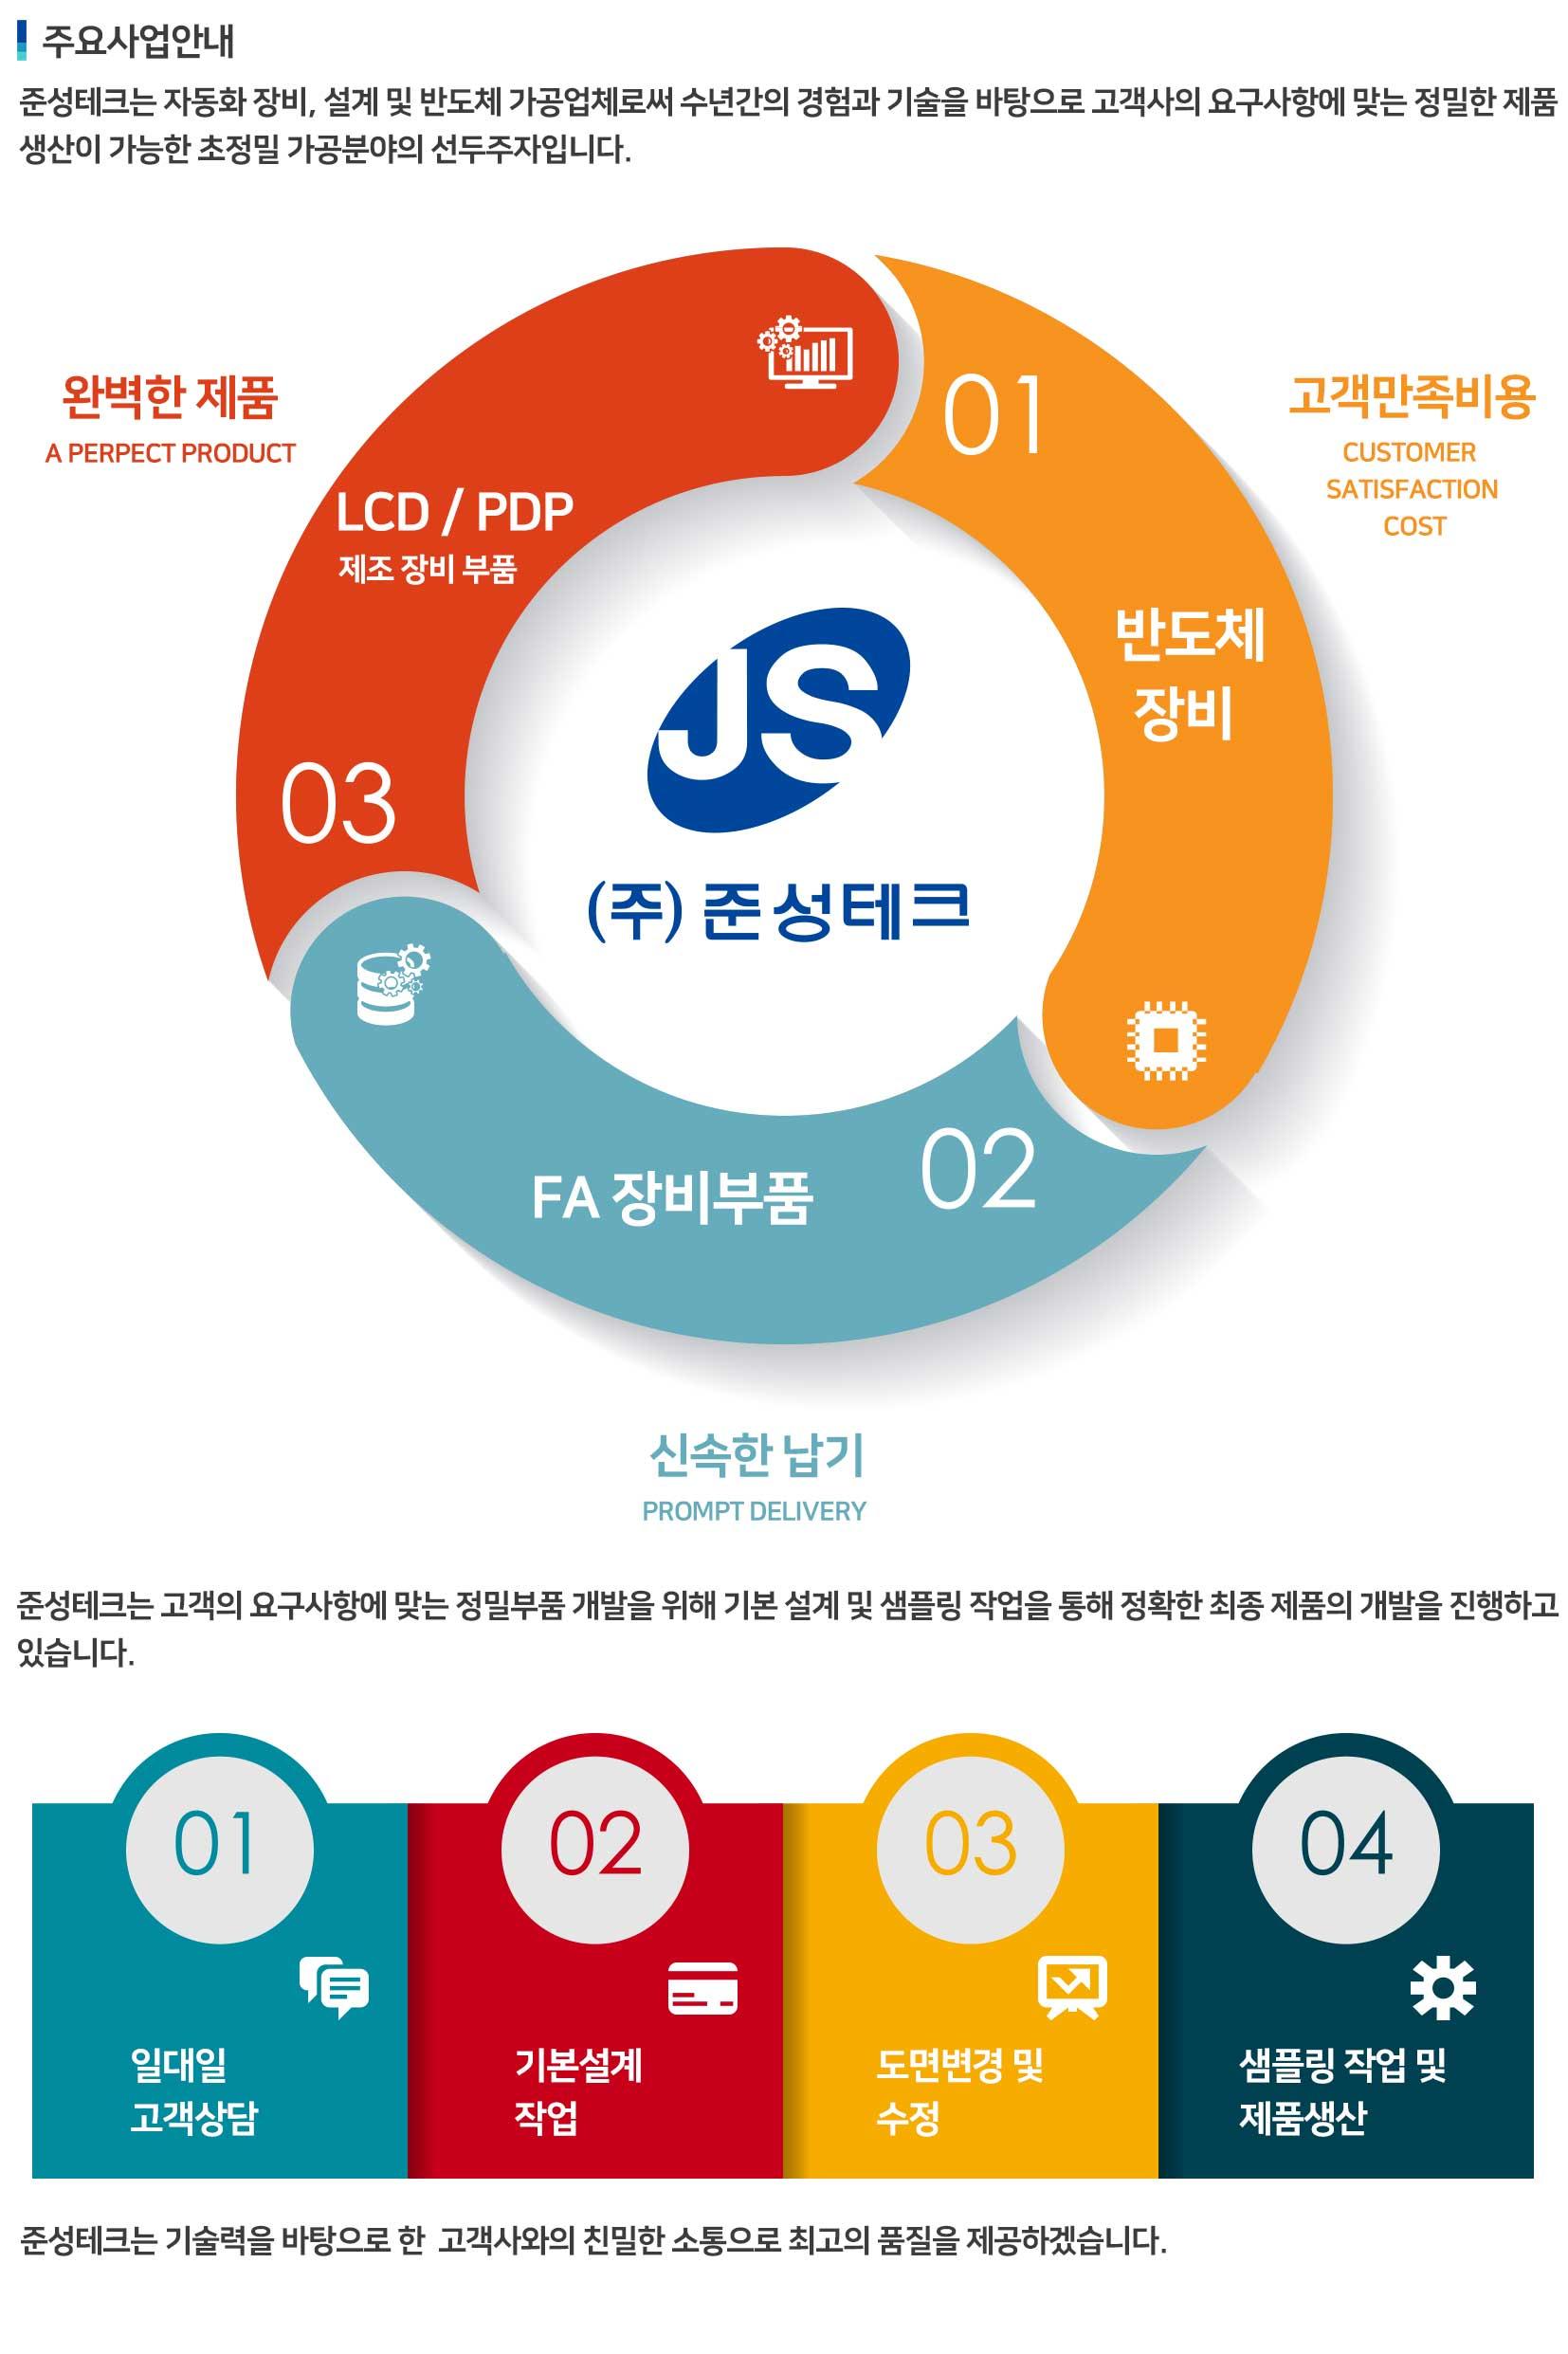 주요사업안내.jpg